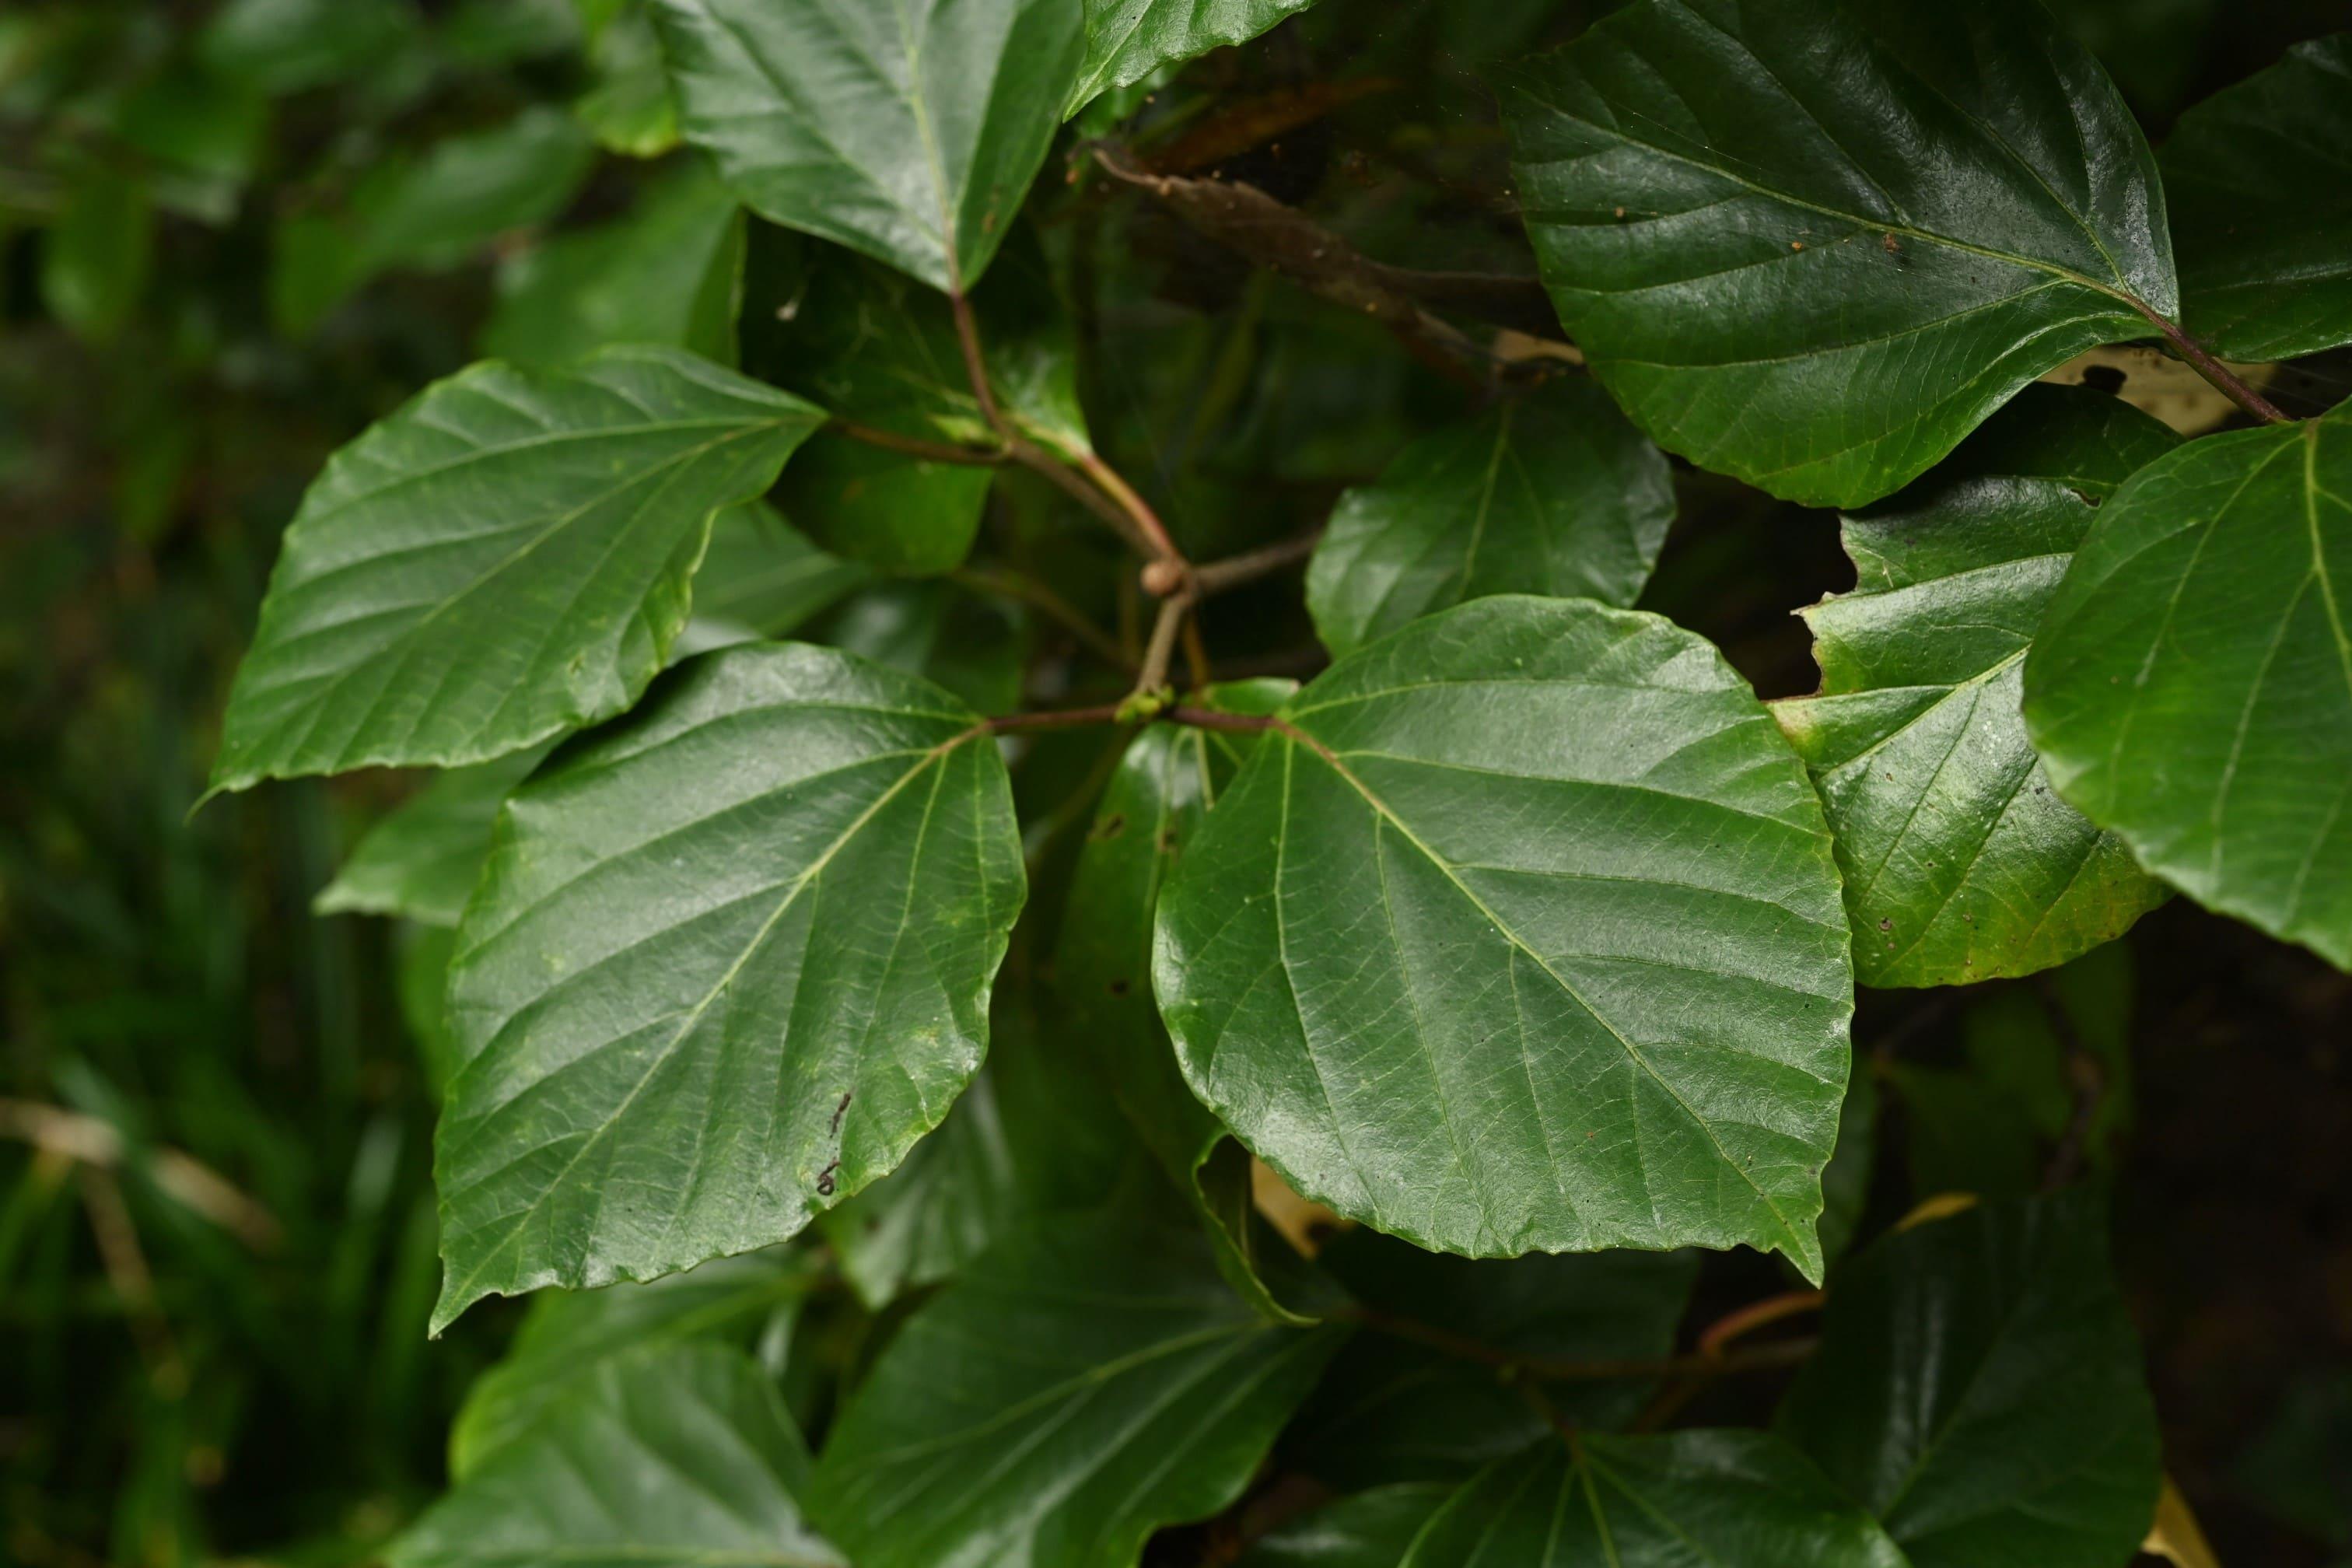 ハクサンボク,はくさんんぼく,葉,特徴